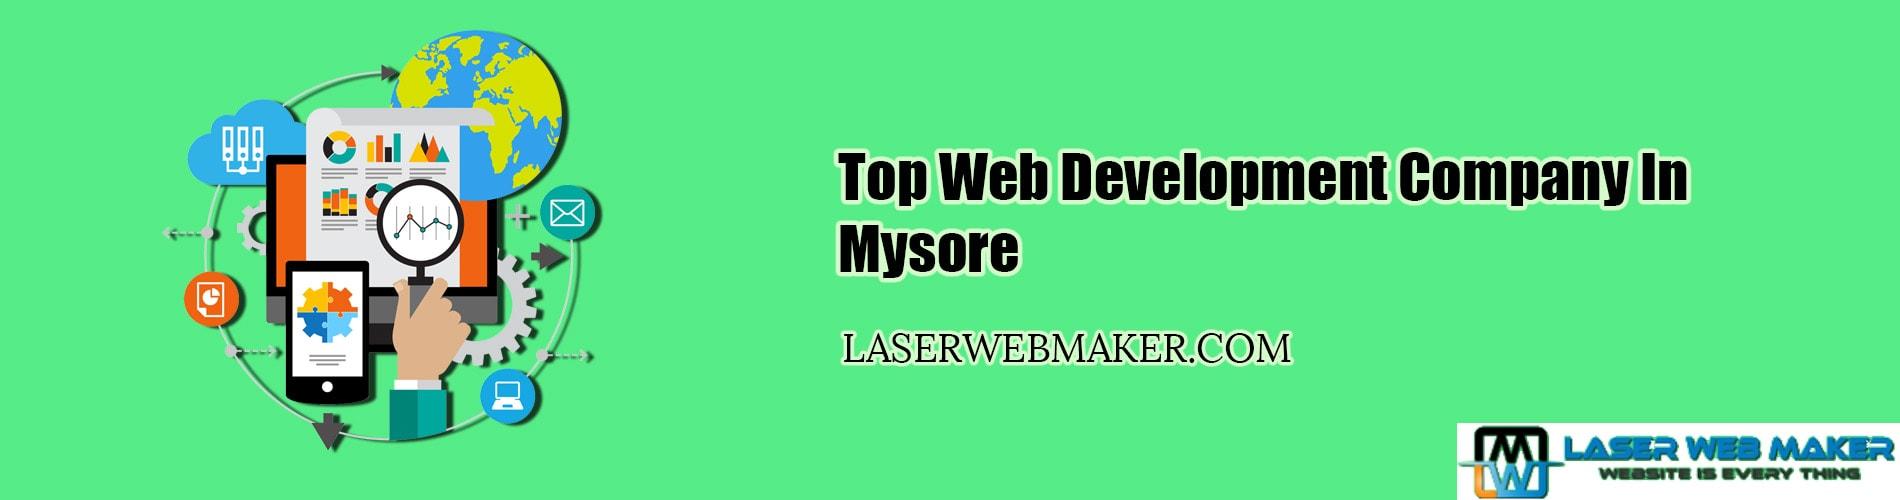 Top Web Development Company In Mysore